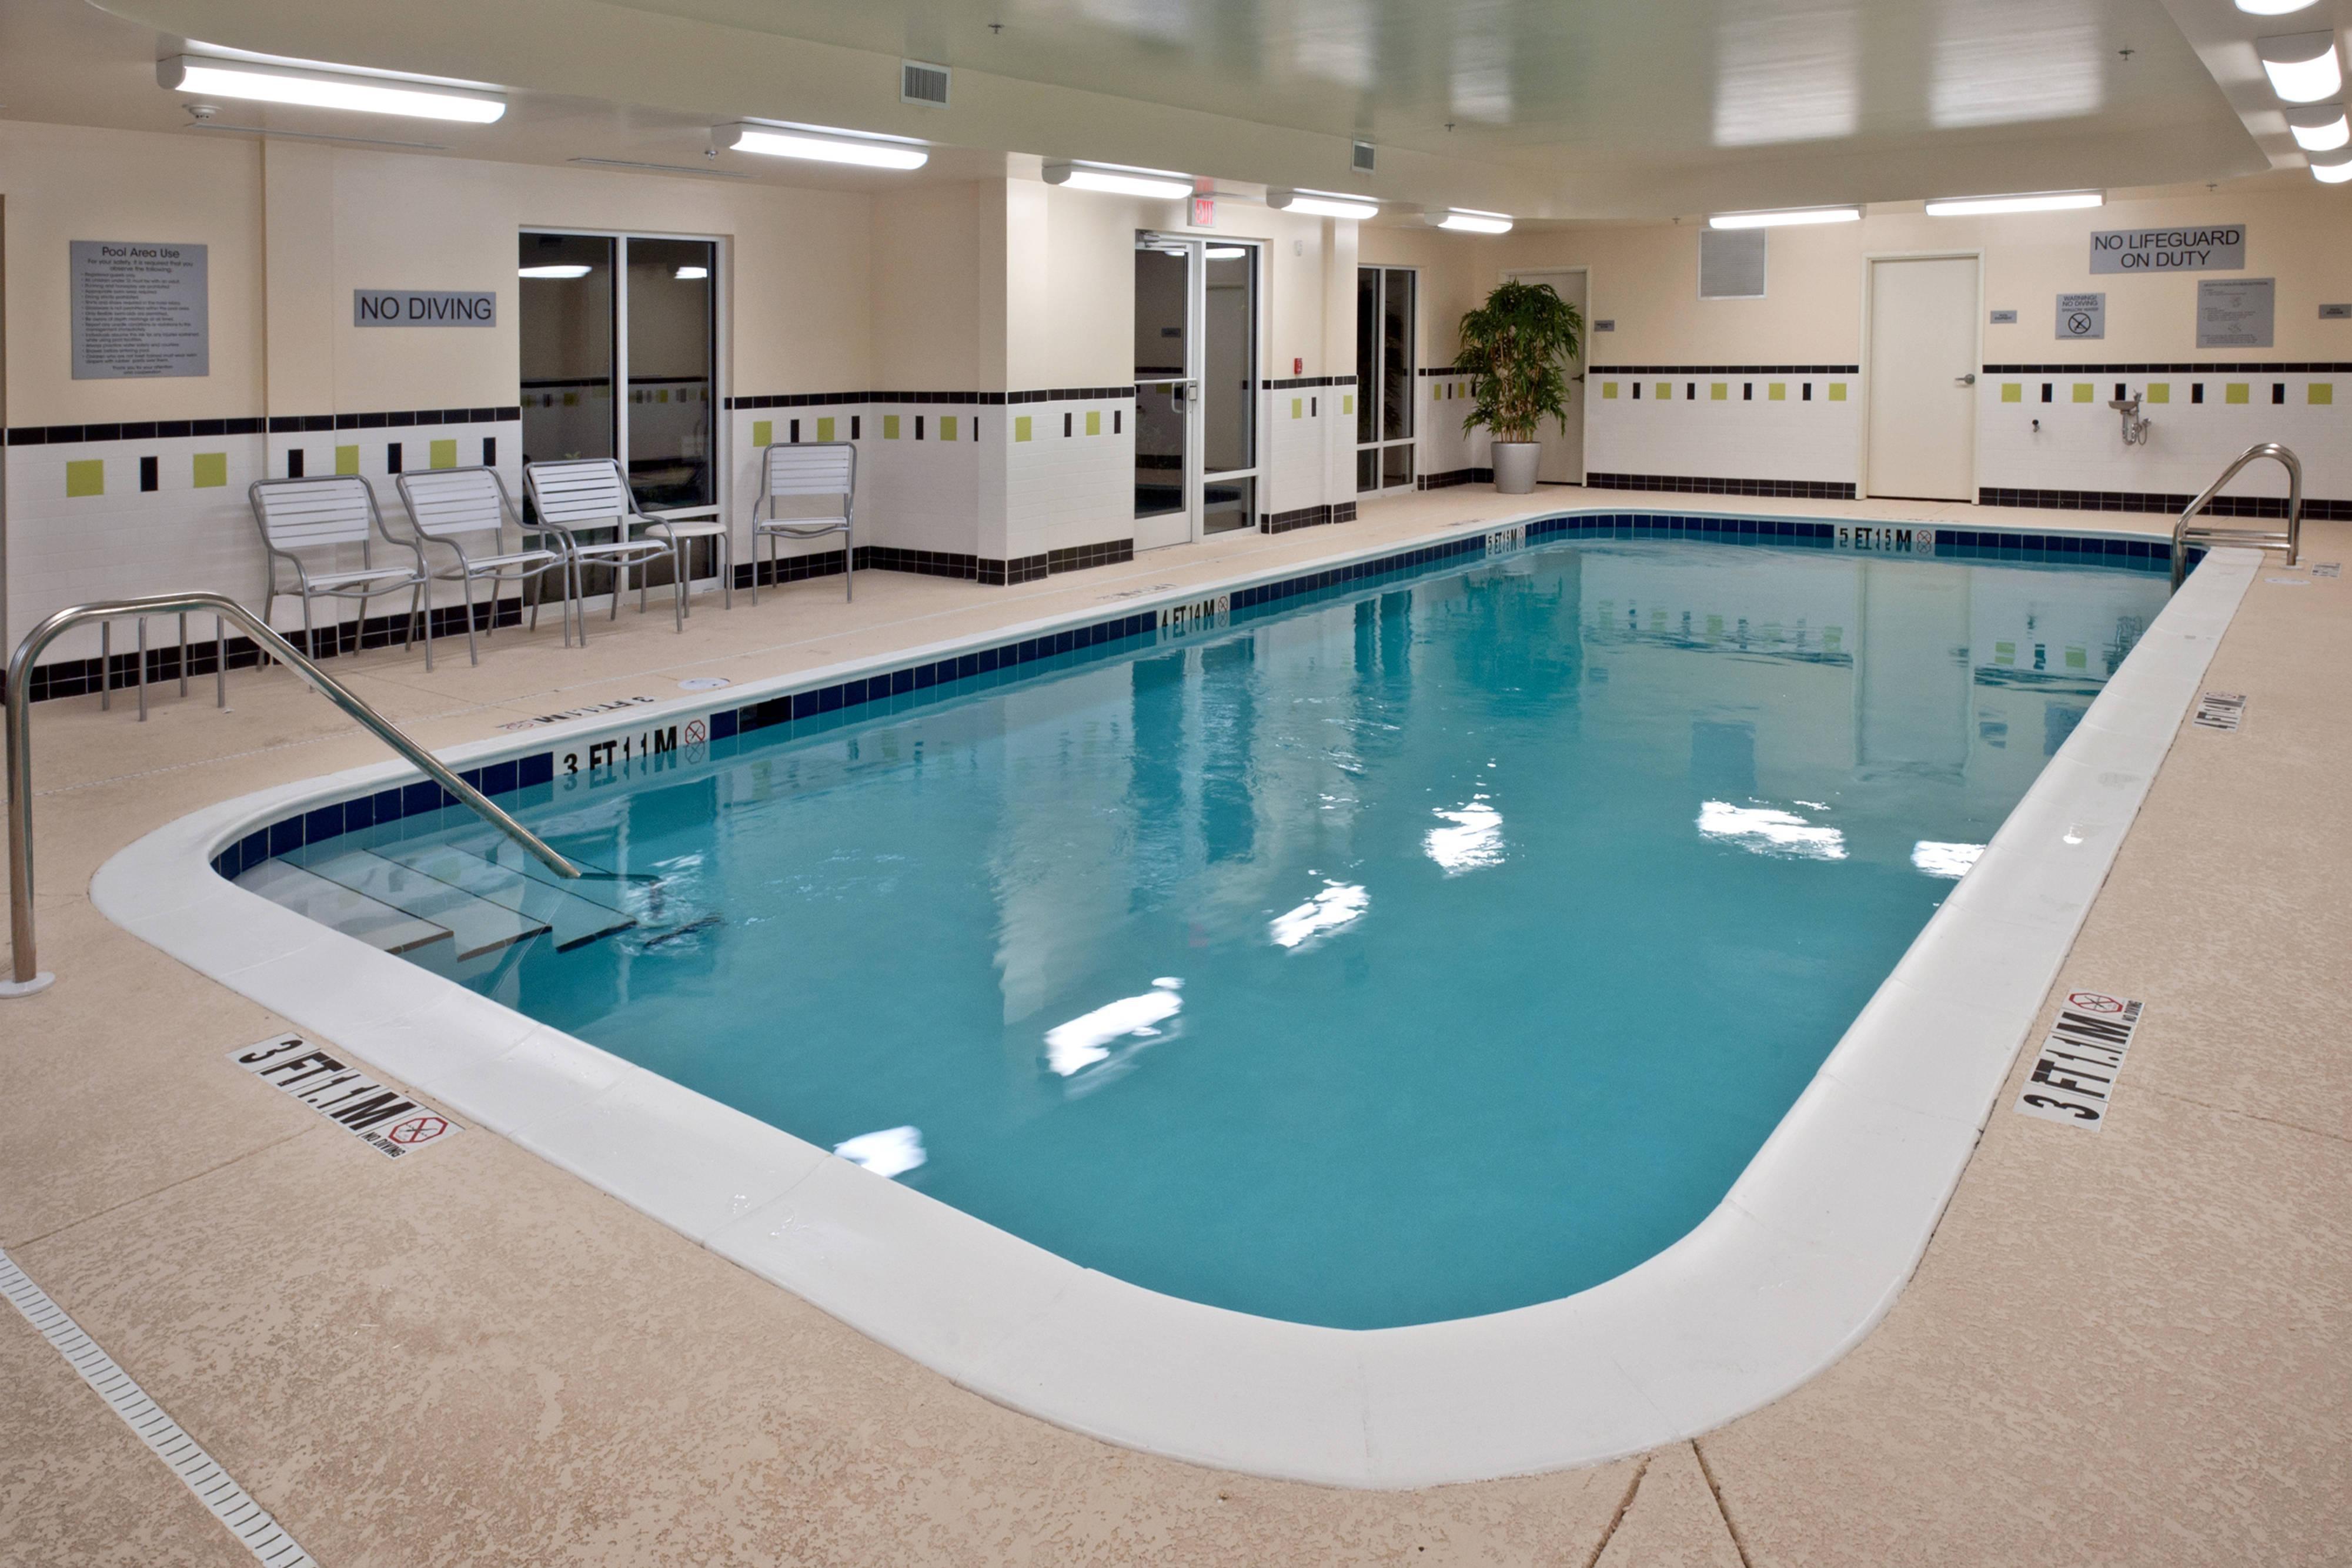 Pool - Tallahassee, FL hotels